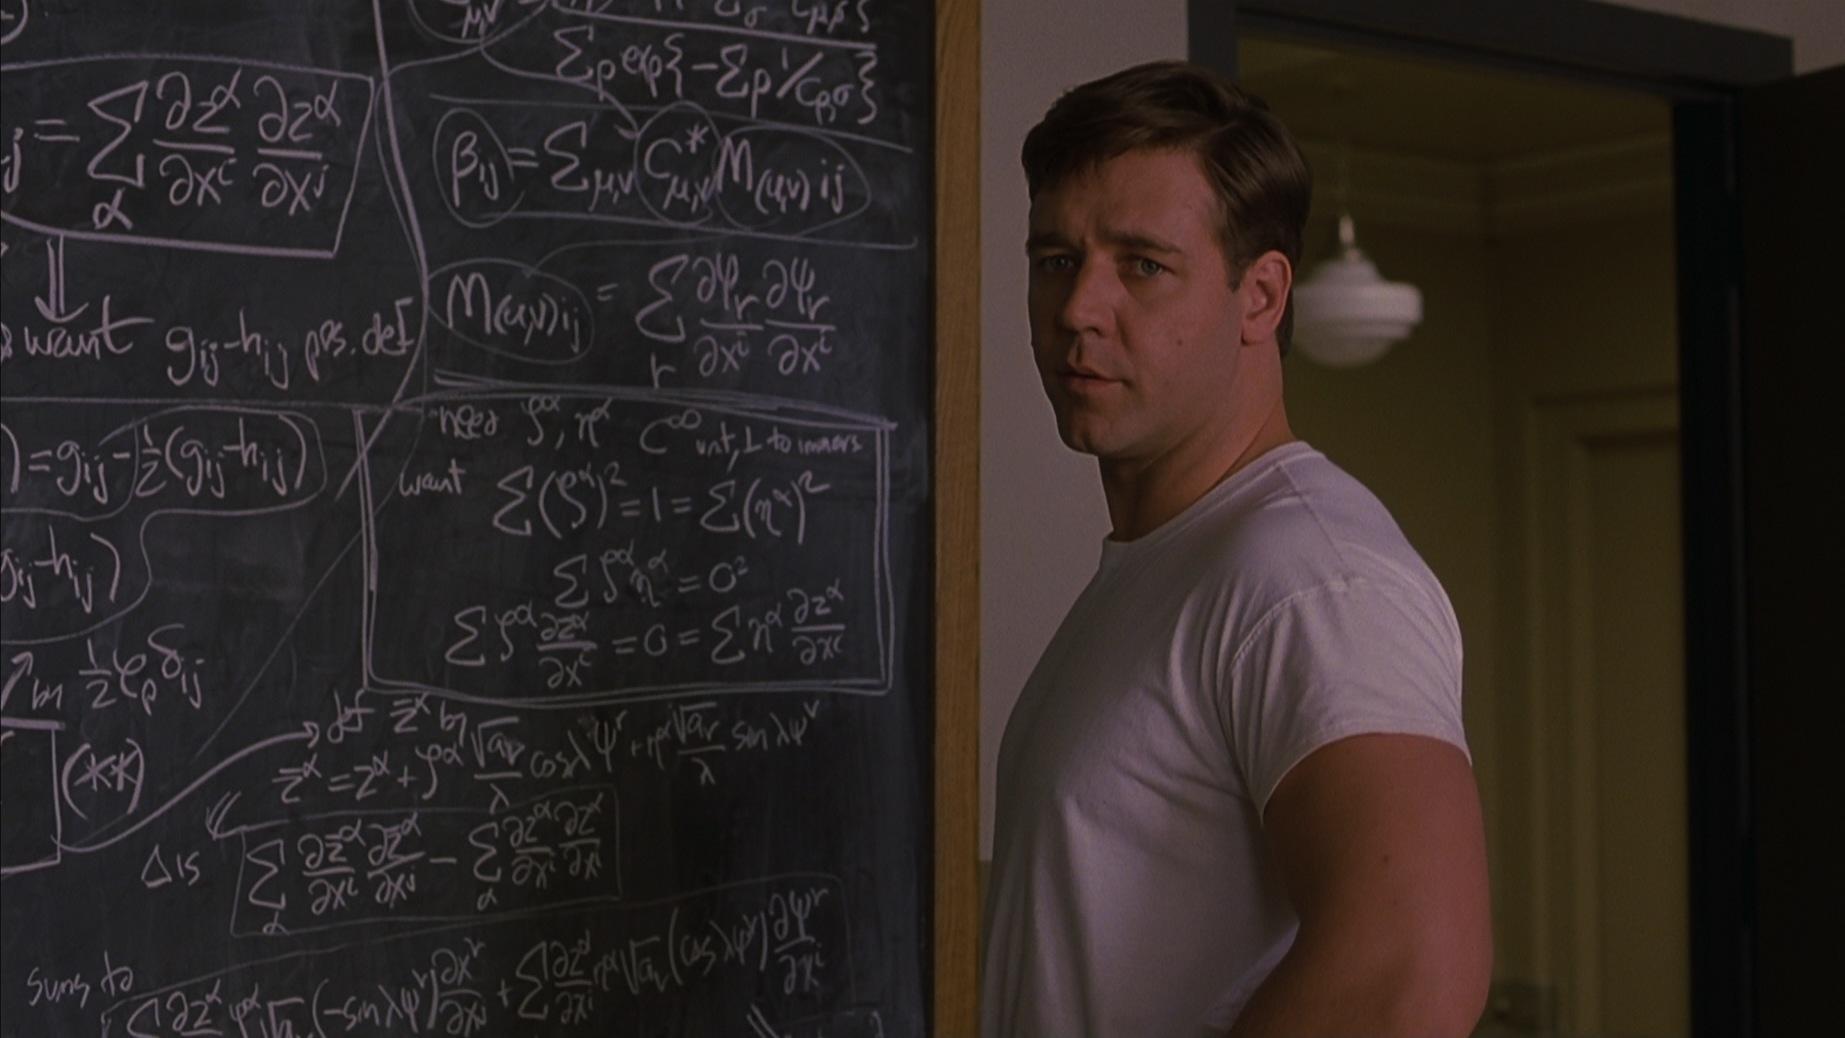 John Forbes Nash Jr.'nin hayatından bir kesit anlatan film, en iyi kişisel gelişim filmleri arasında yer almaktadır.